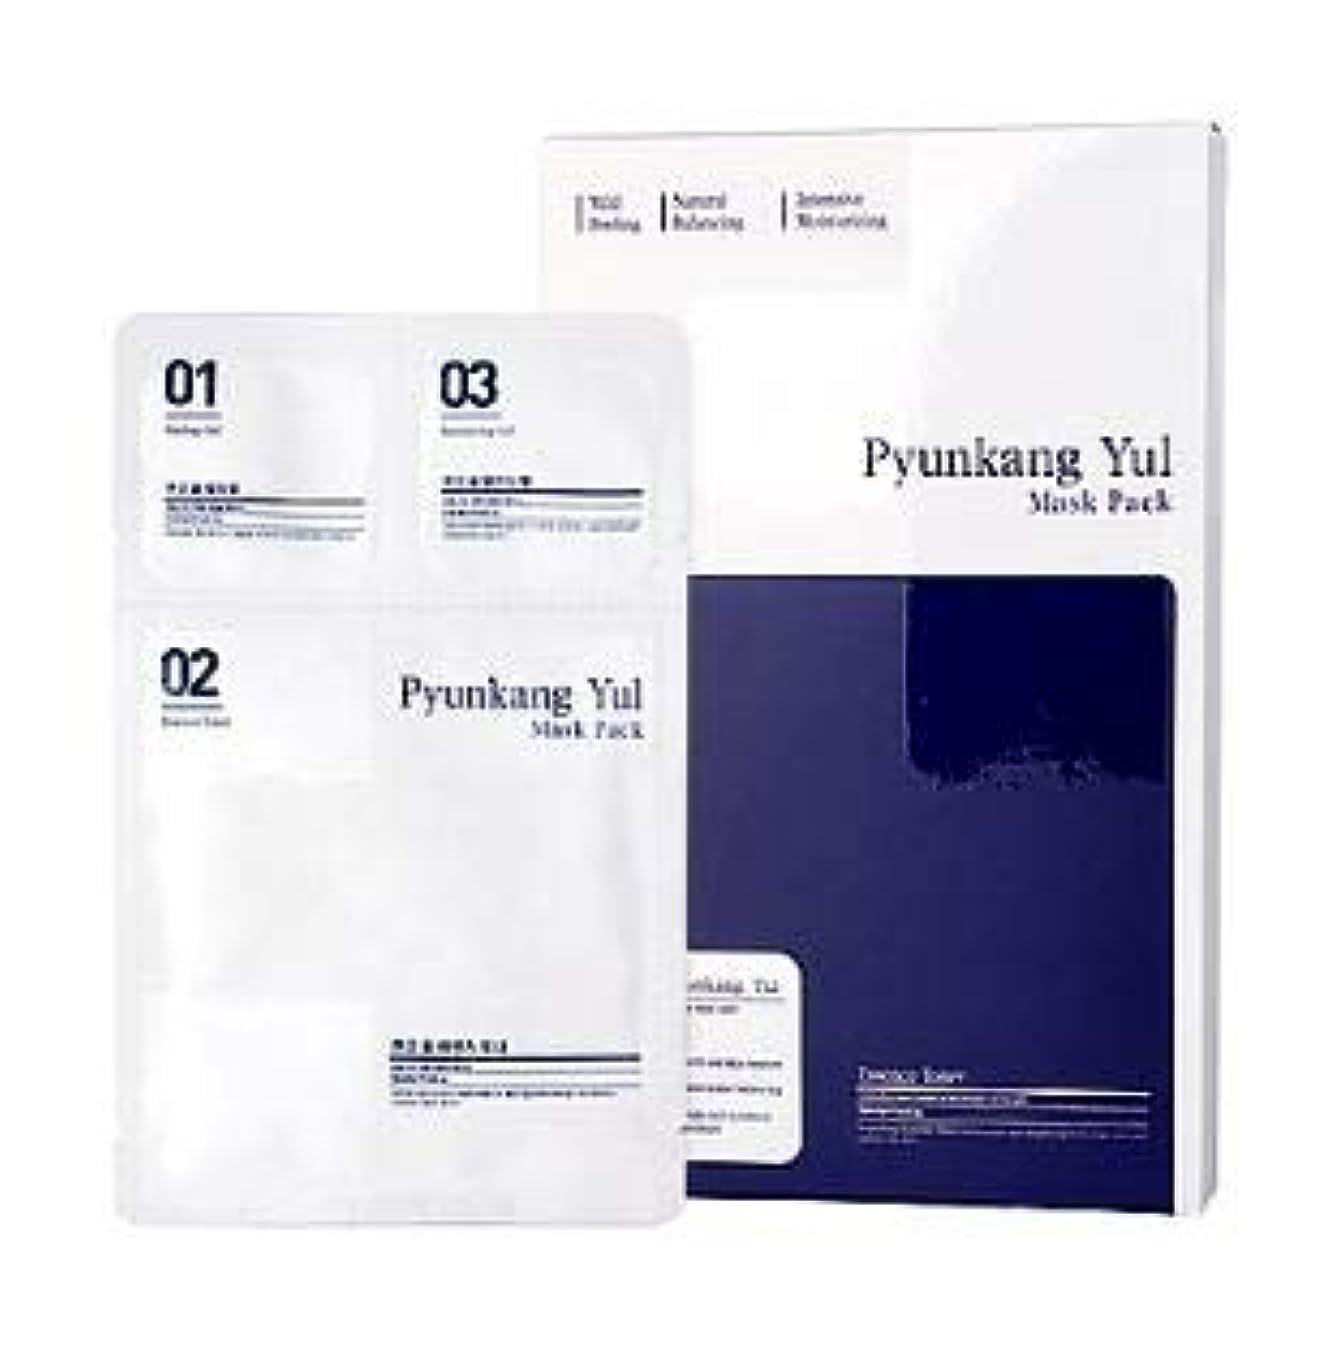 悲しいトランク摂氏[Pyunkang Yul] 3 Step Mask Pack (5ea) /[扁康率(PYUNKANG YUL)] 3 ステップ マスク パック (5枚) [並行輸入品]